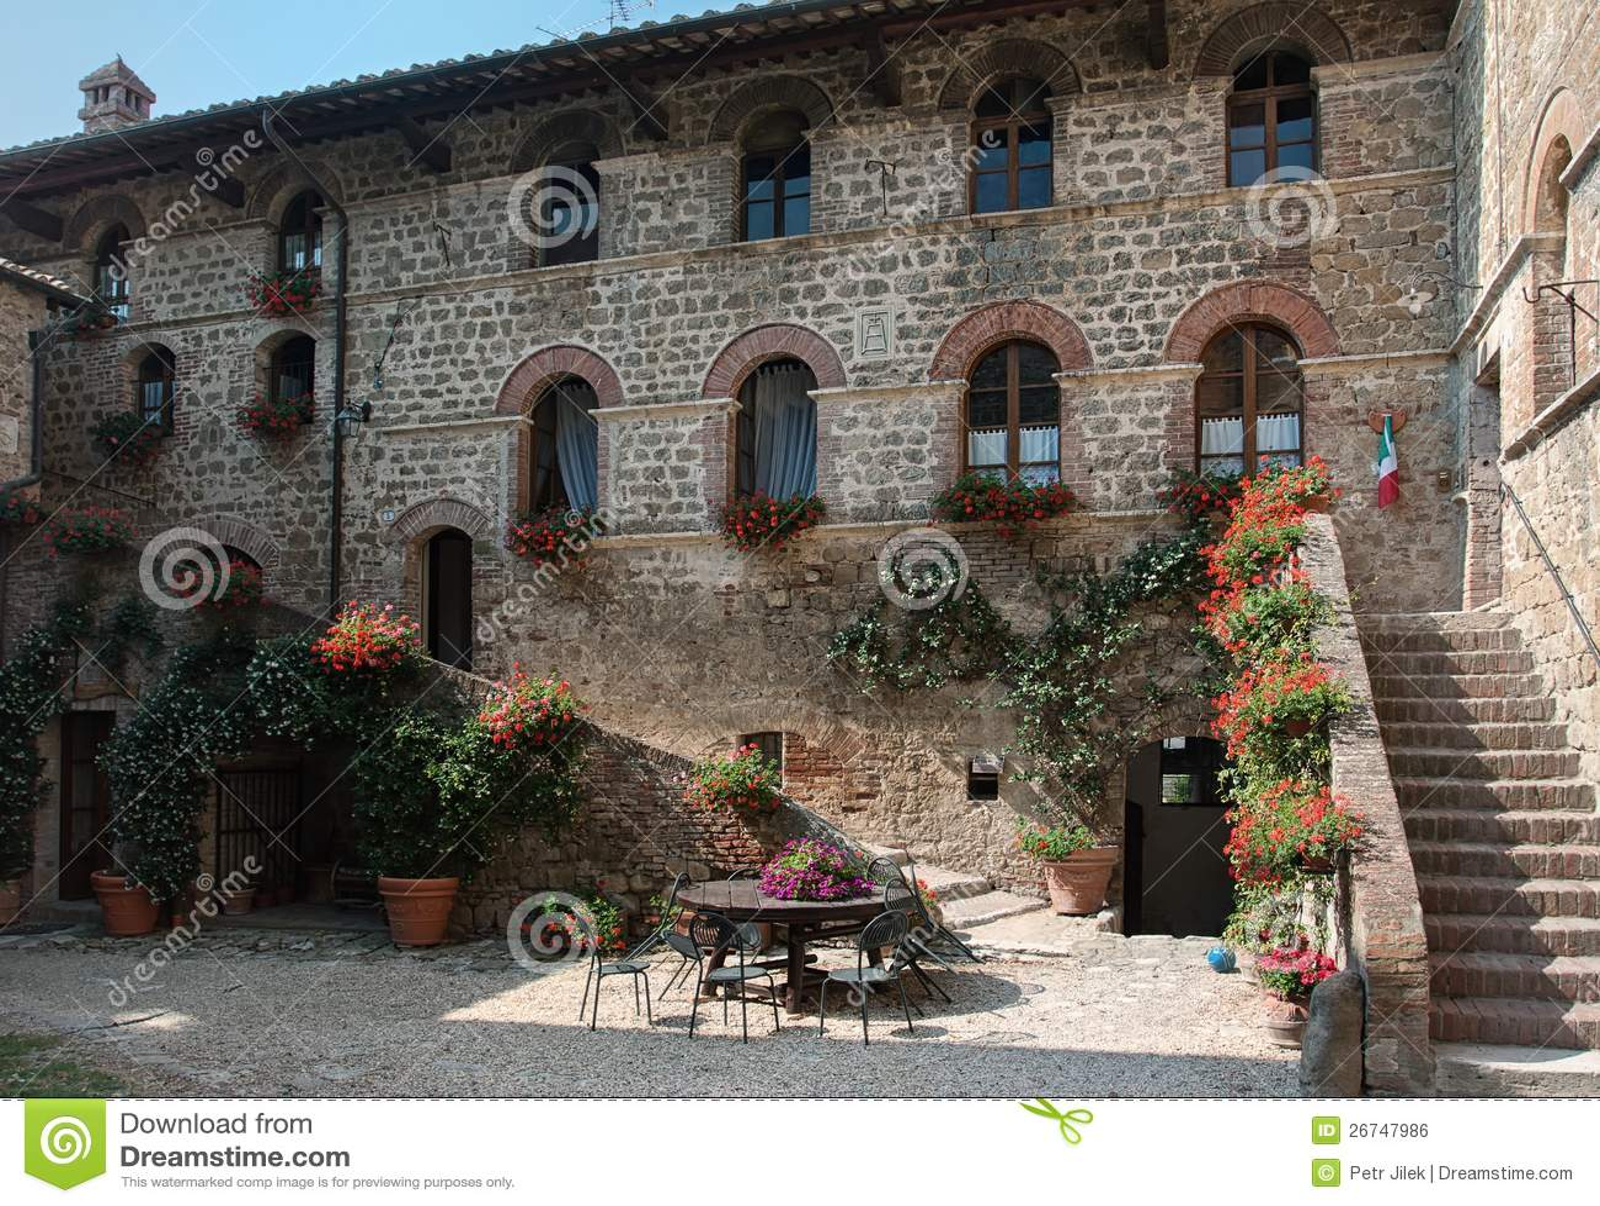 Casa Di Campagna, Toscana, Immagine Stock Libera da Diritti - Immagine ...